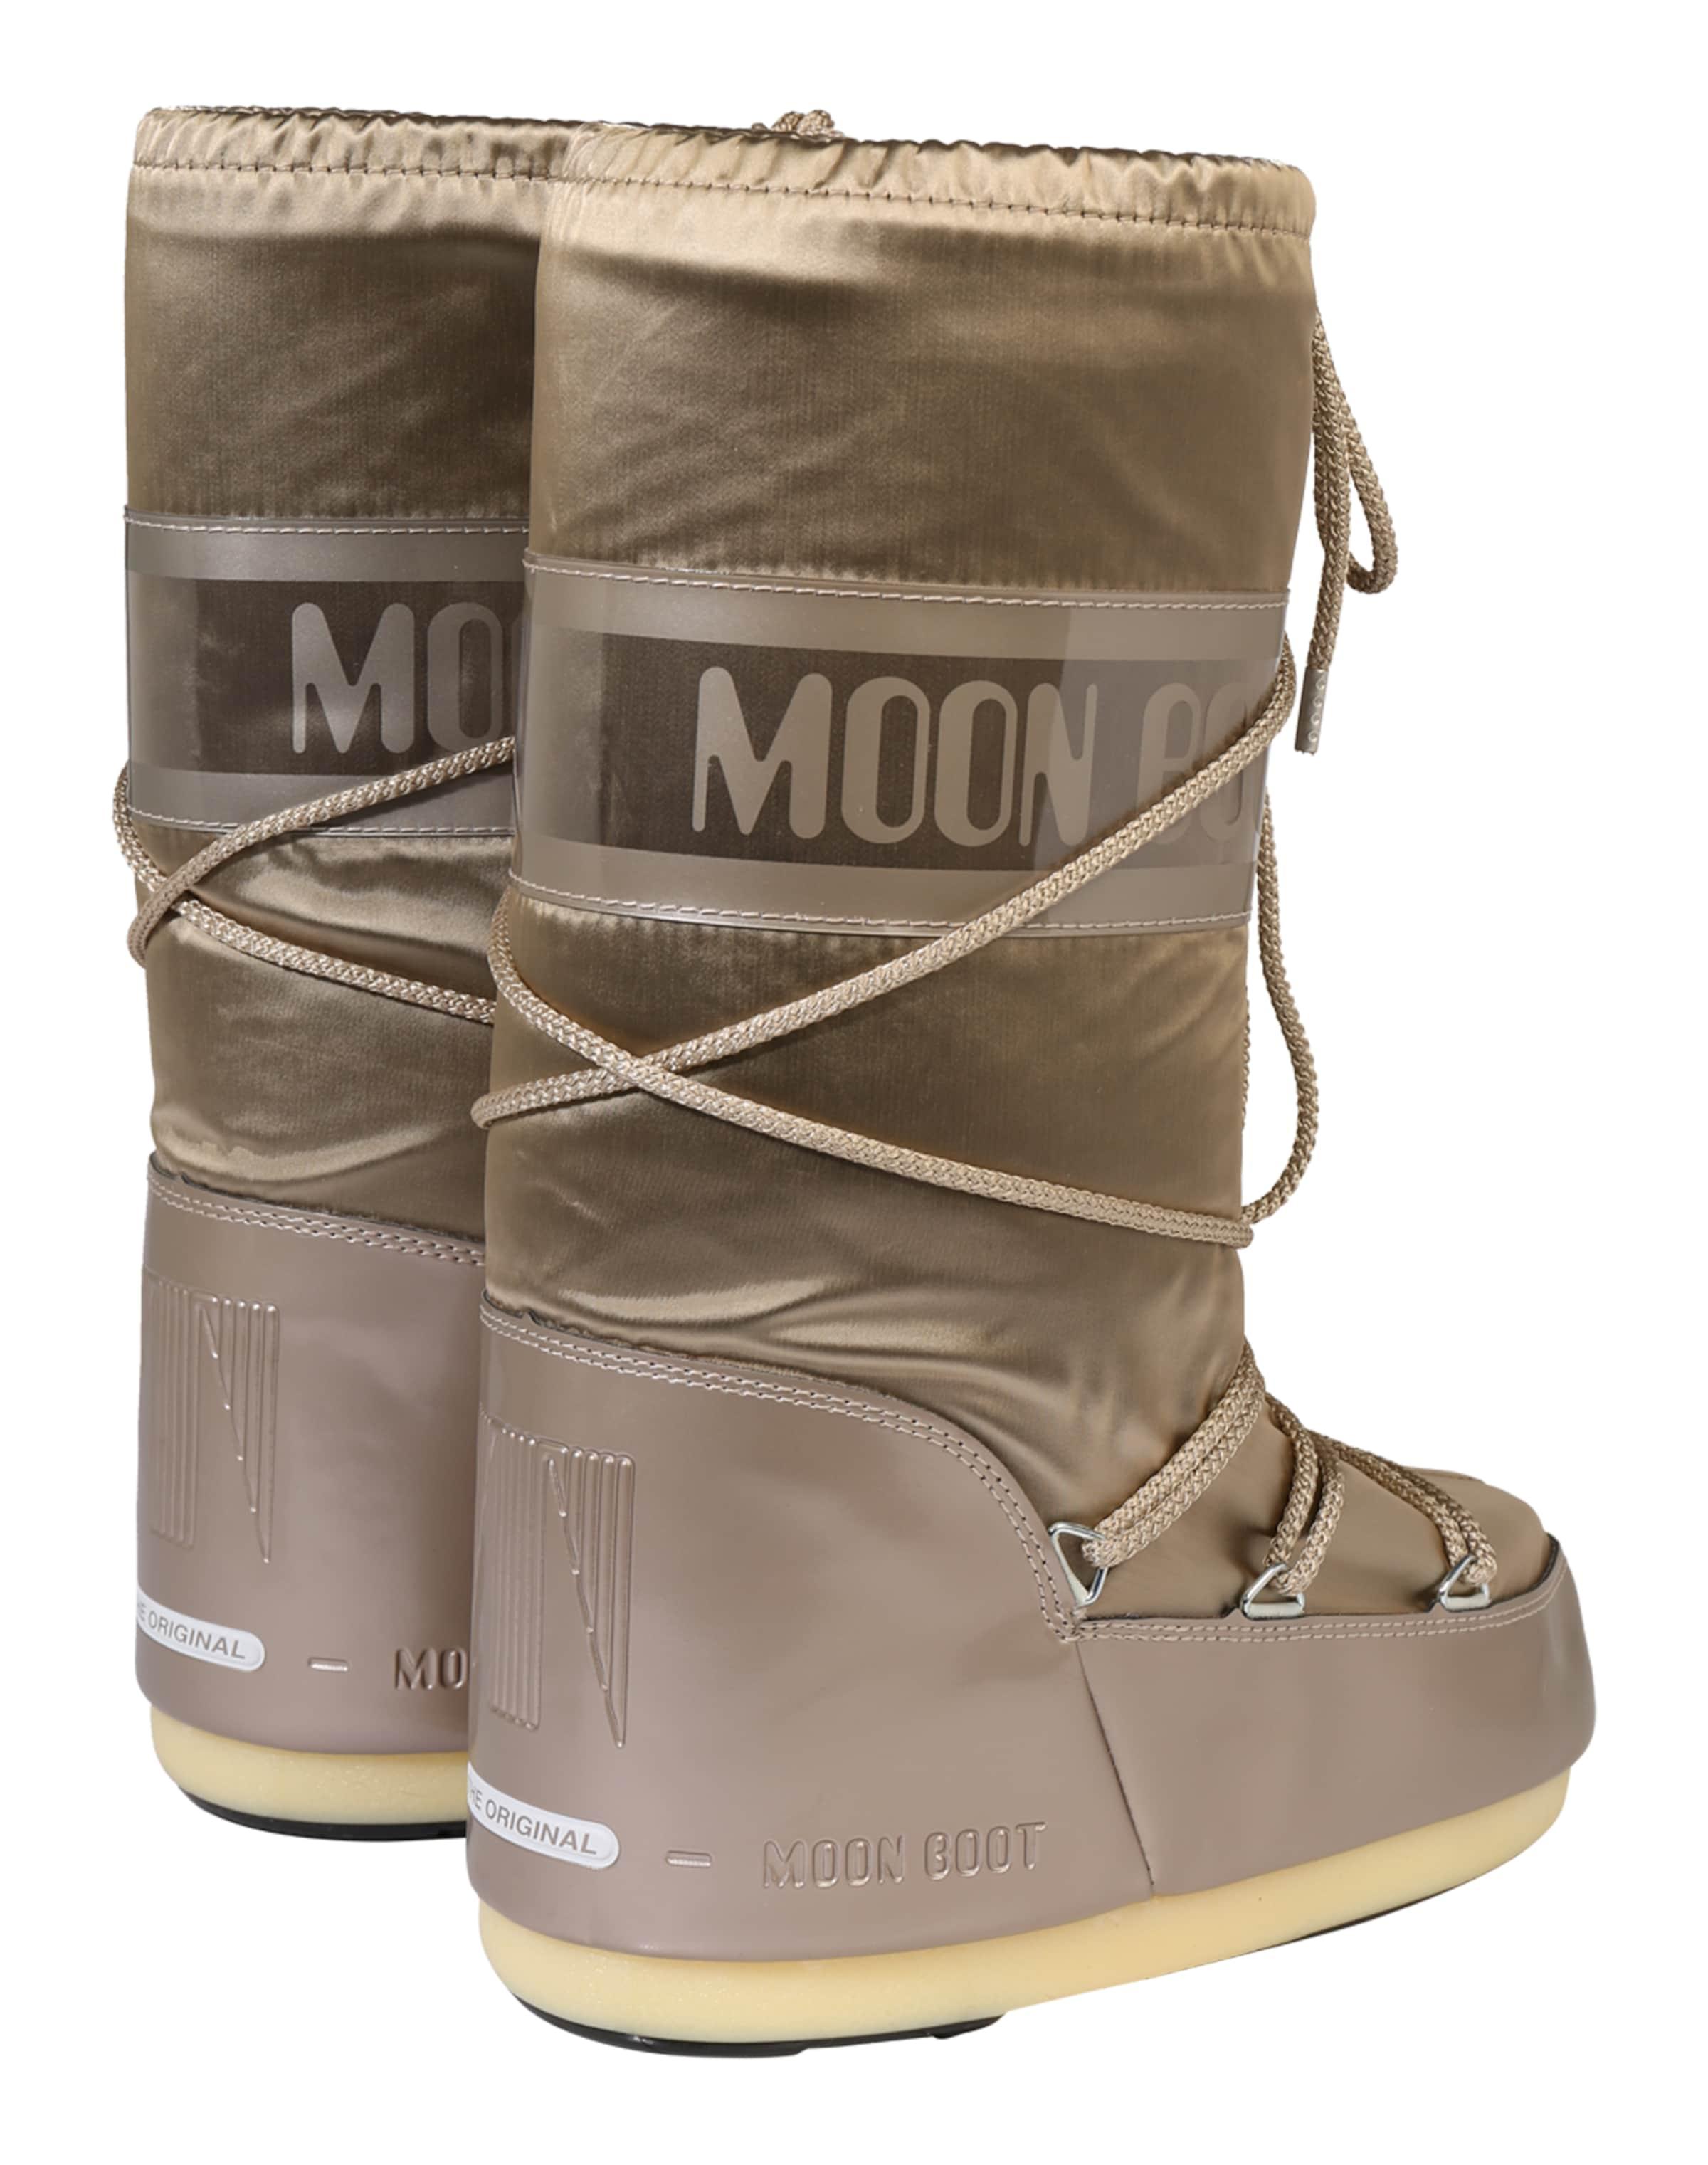 MOON Stiefel SnowStiefel SnowStiefel SnowStiefel 'Glance Kunststoff Wilde Freizeitschuhe 64ee2c